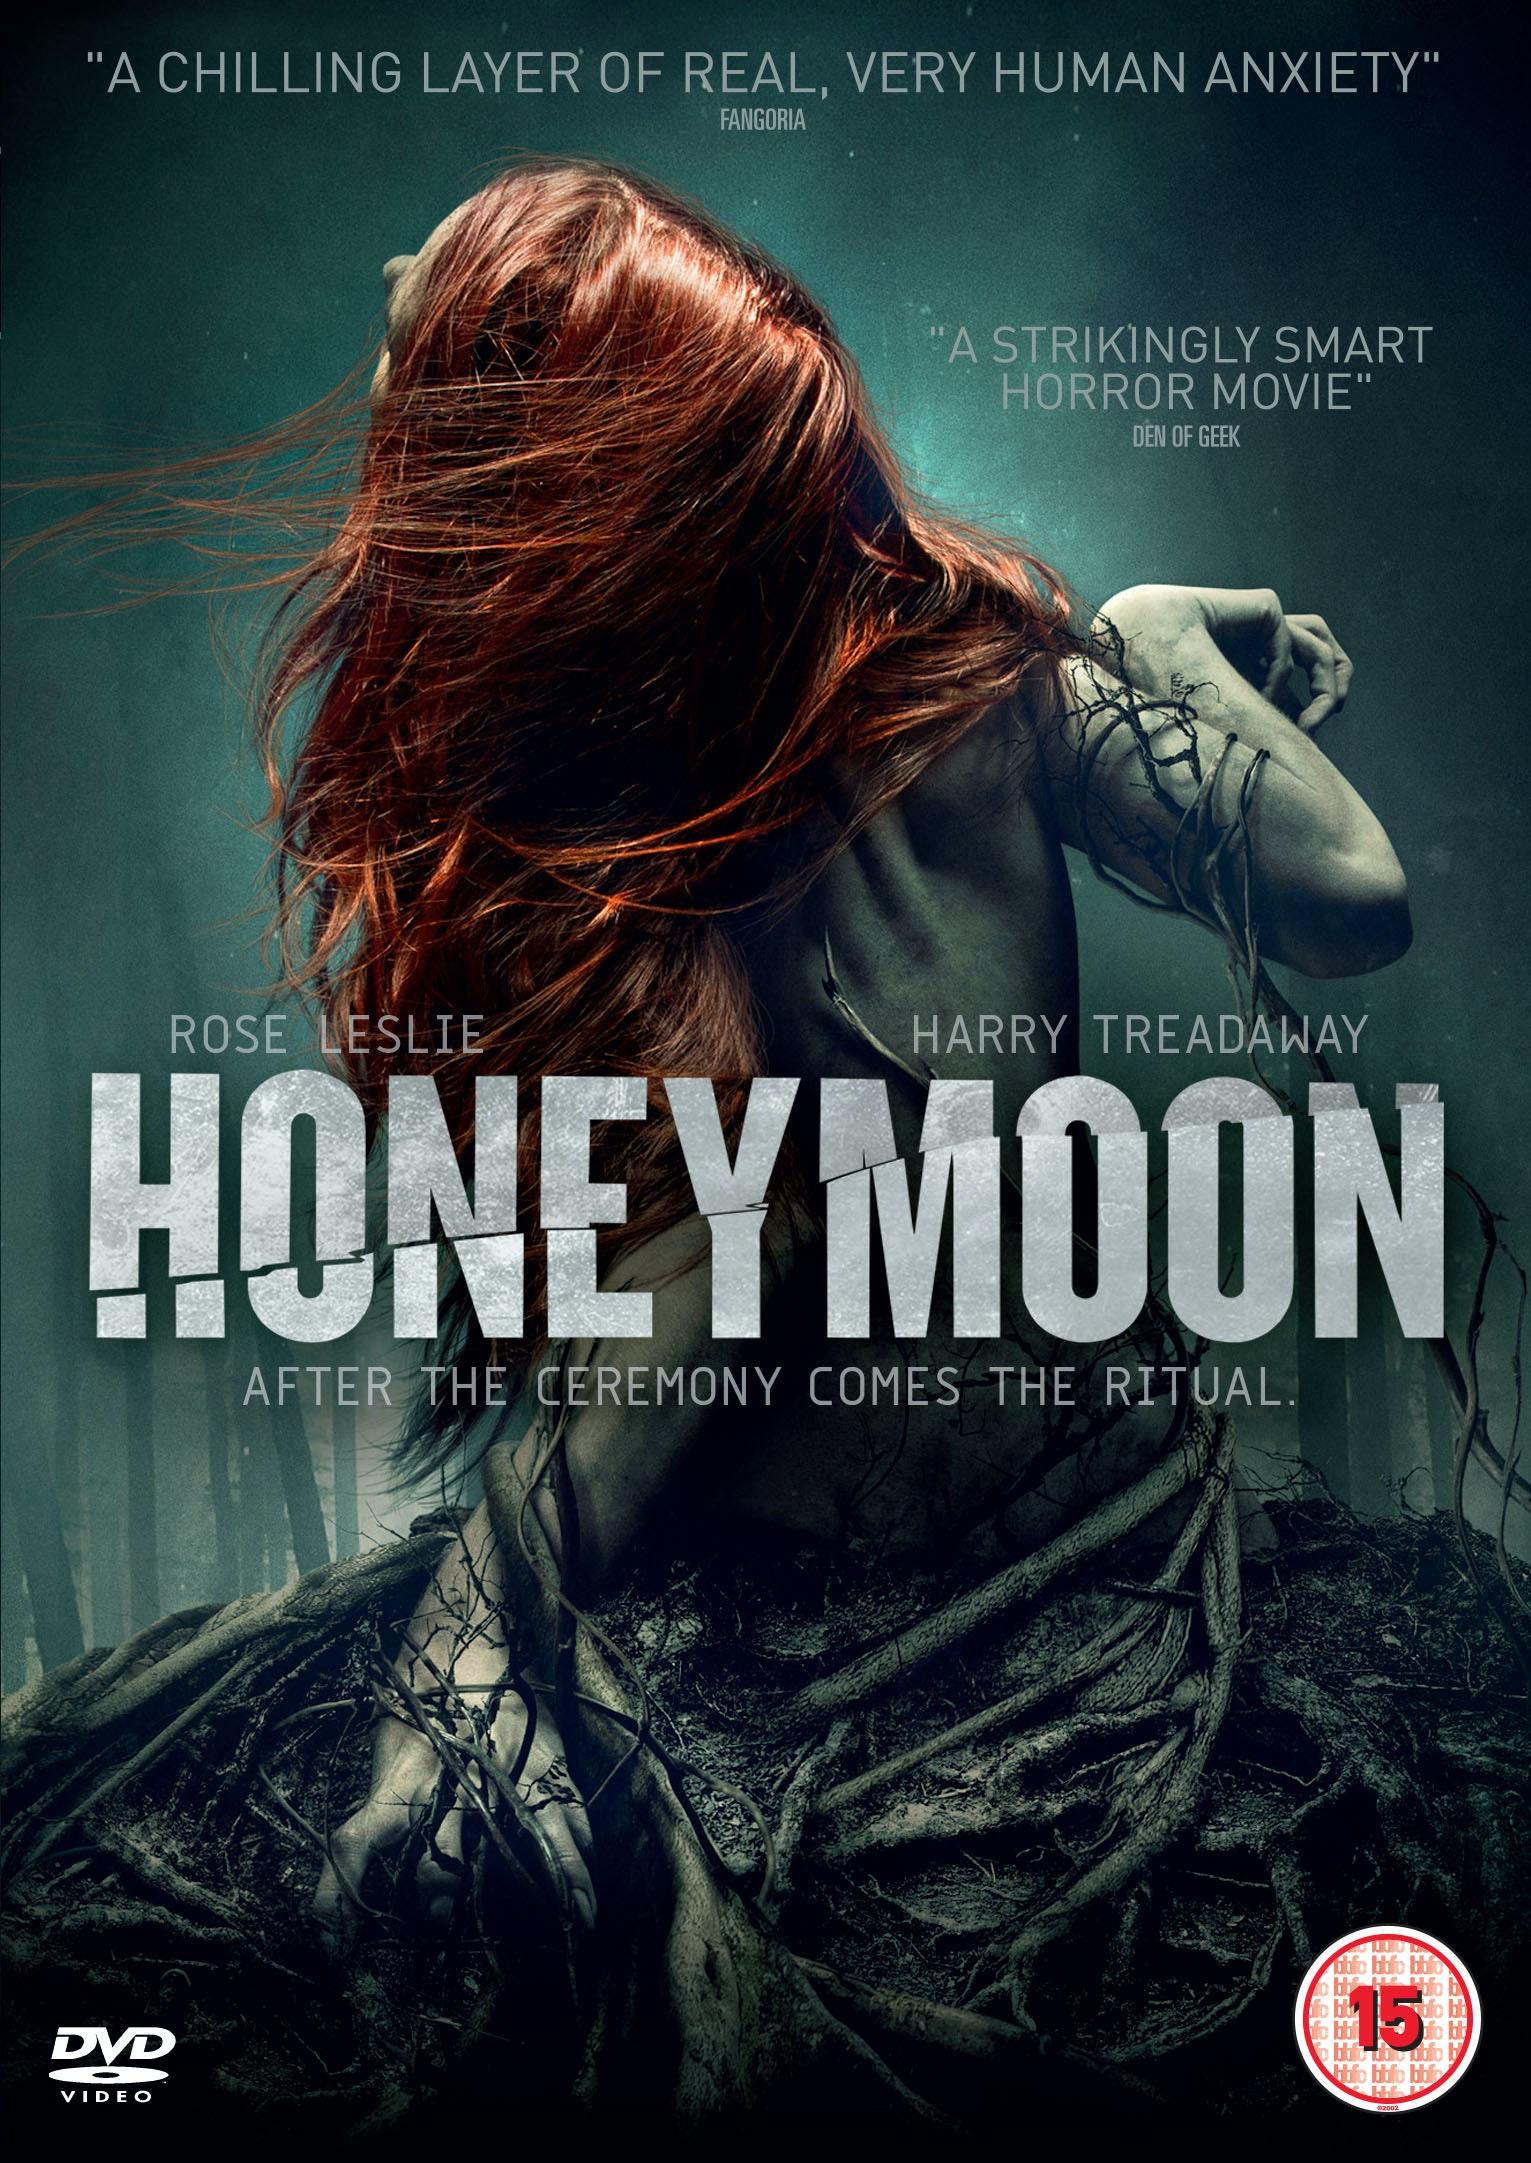 Honeymoon sweepstakes